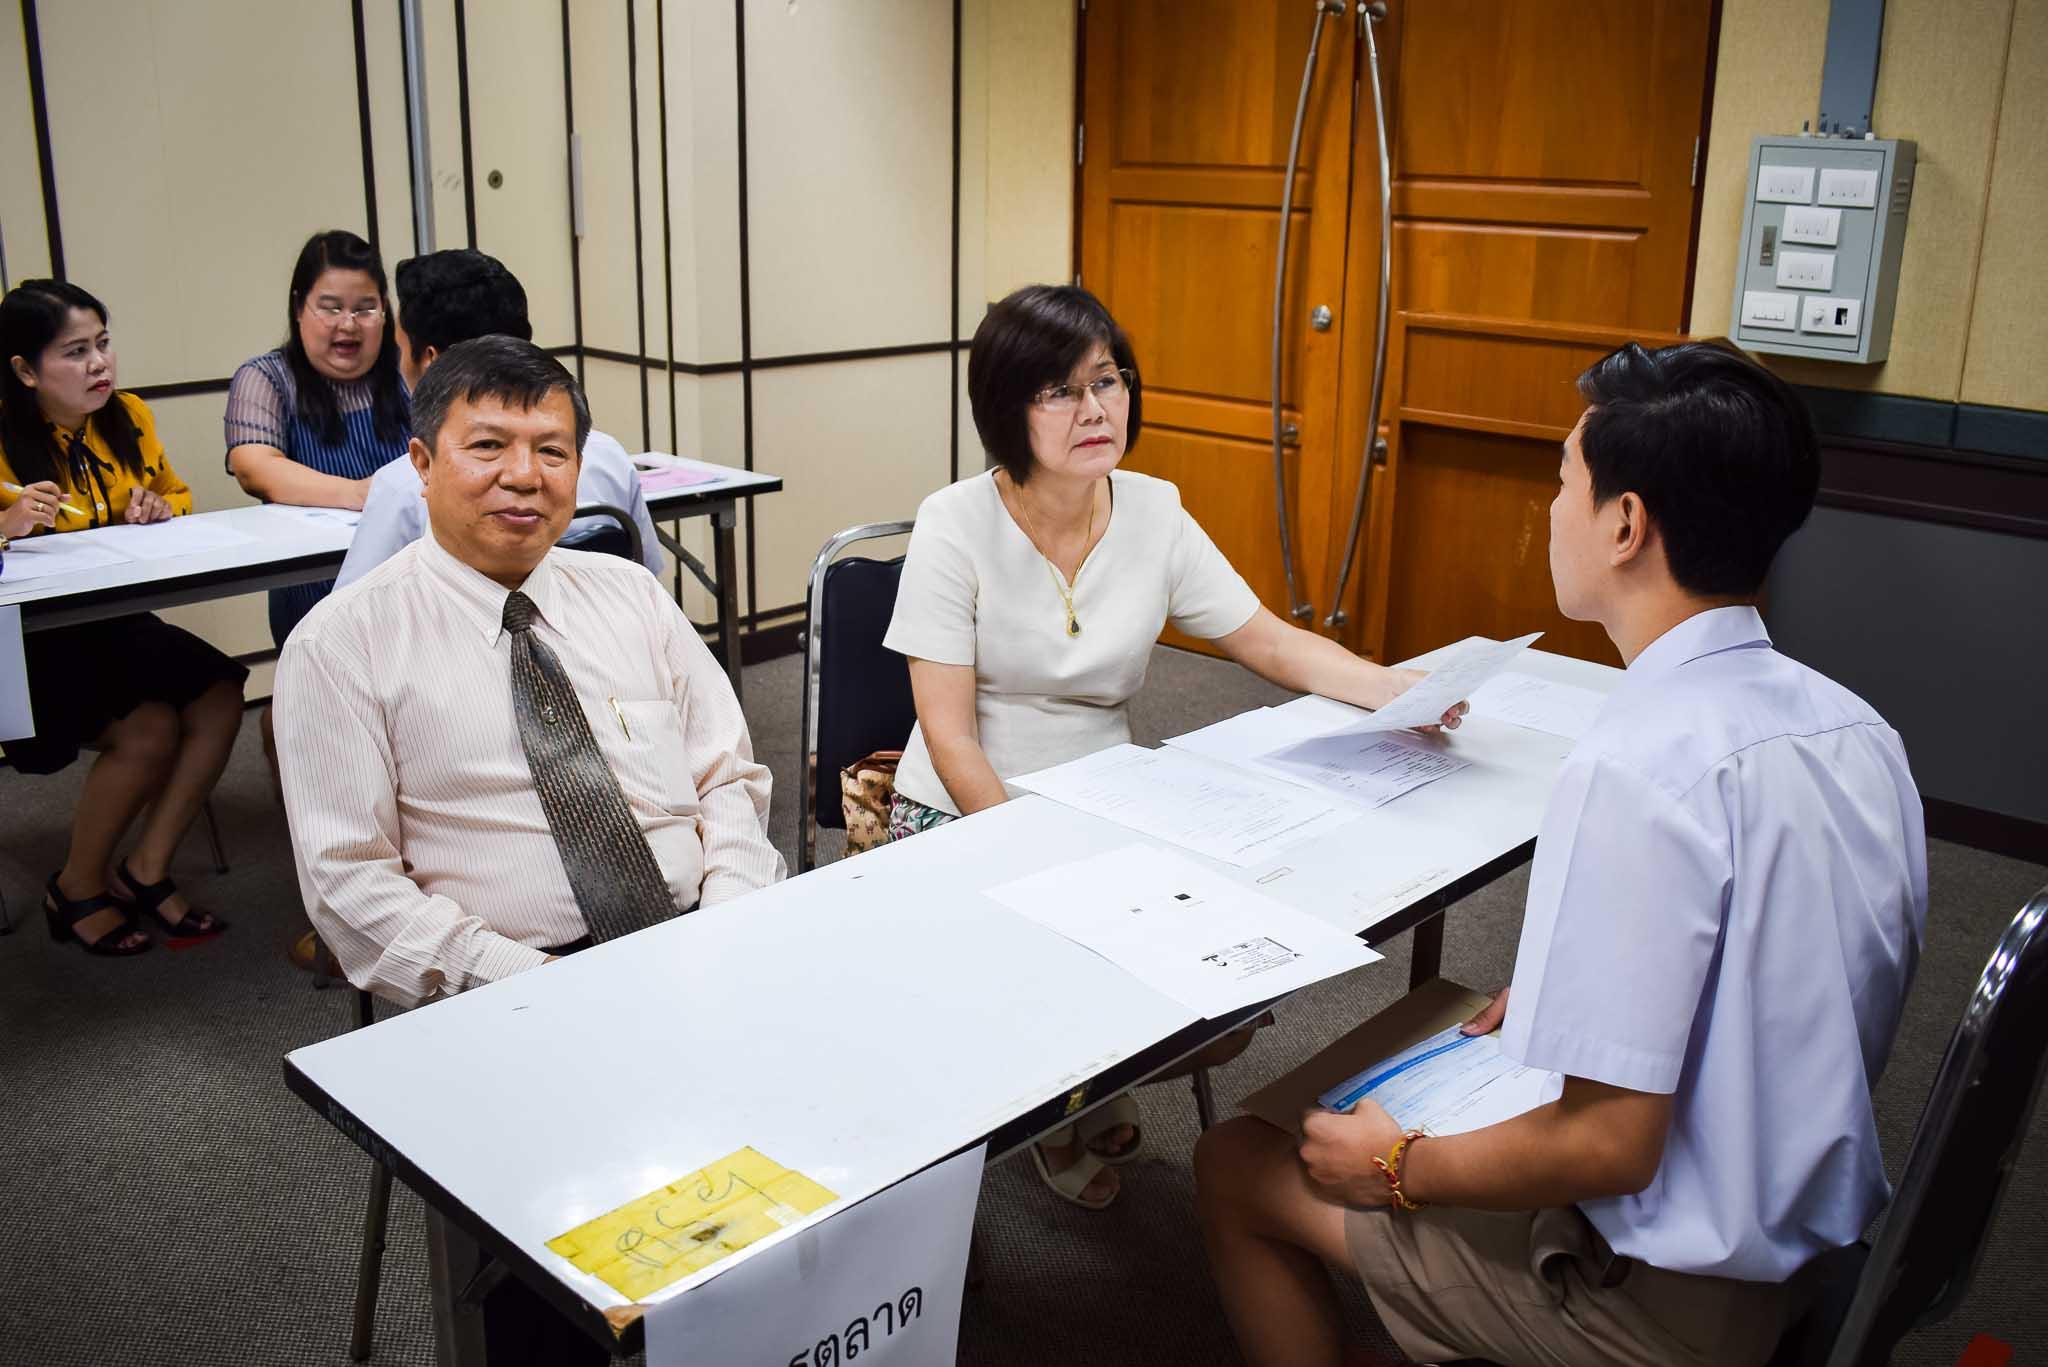 สอบสัมภาษณ์รับนักศึกษา ประจำปีการศึกษา 2561 รอบ 4 (รับตรงมหาลัย ครั้งที่ 2)